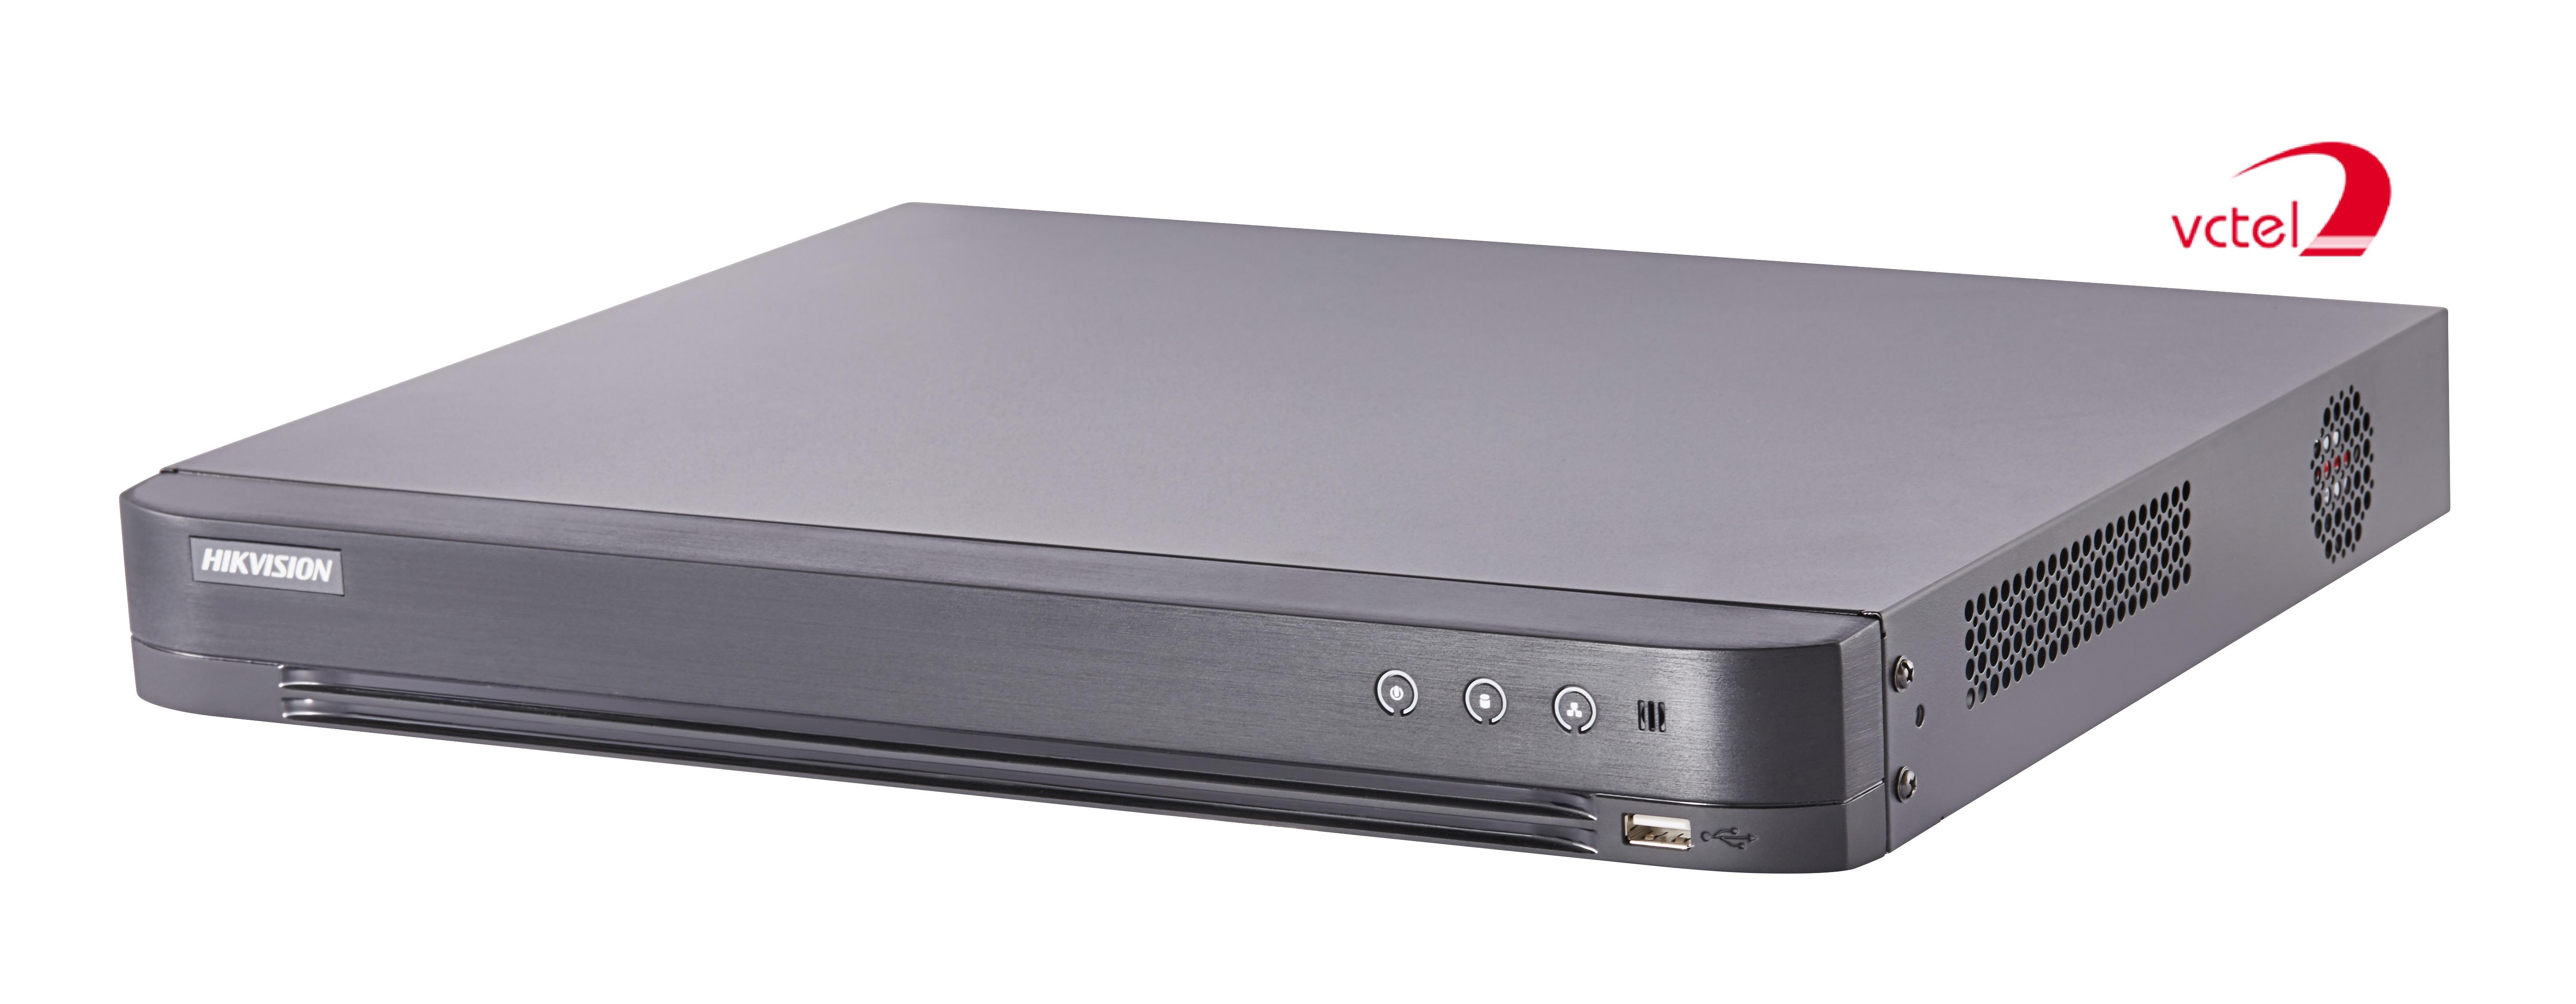 Đầu ghi hình Hikvision DS-7208HUHI-K2 bảo hành chính hãng 1 năm vctel